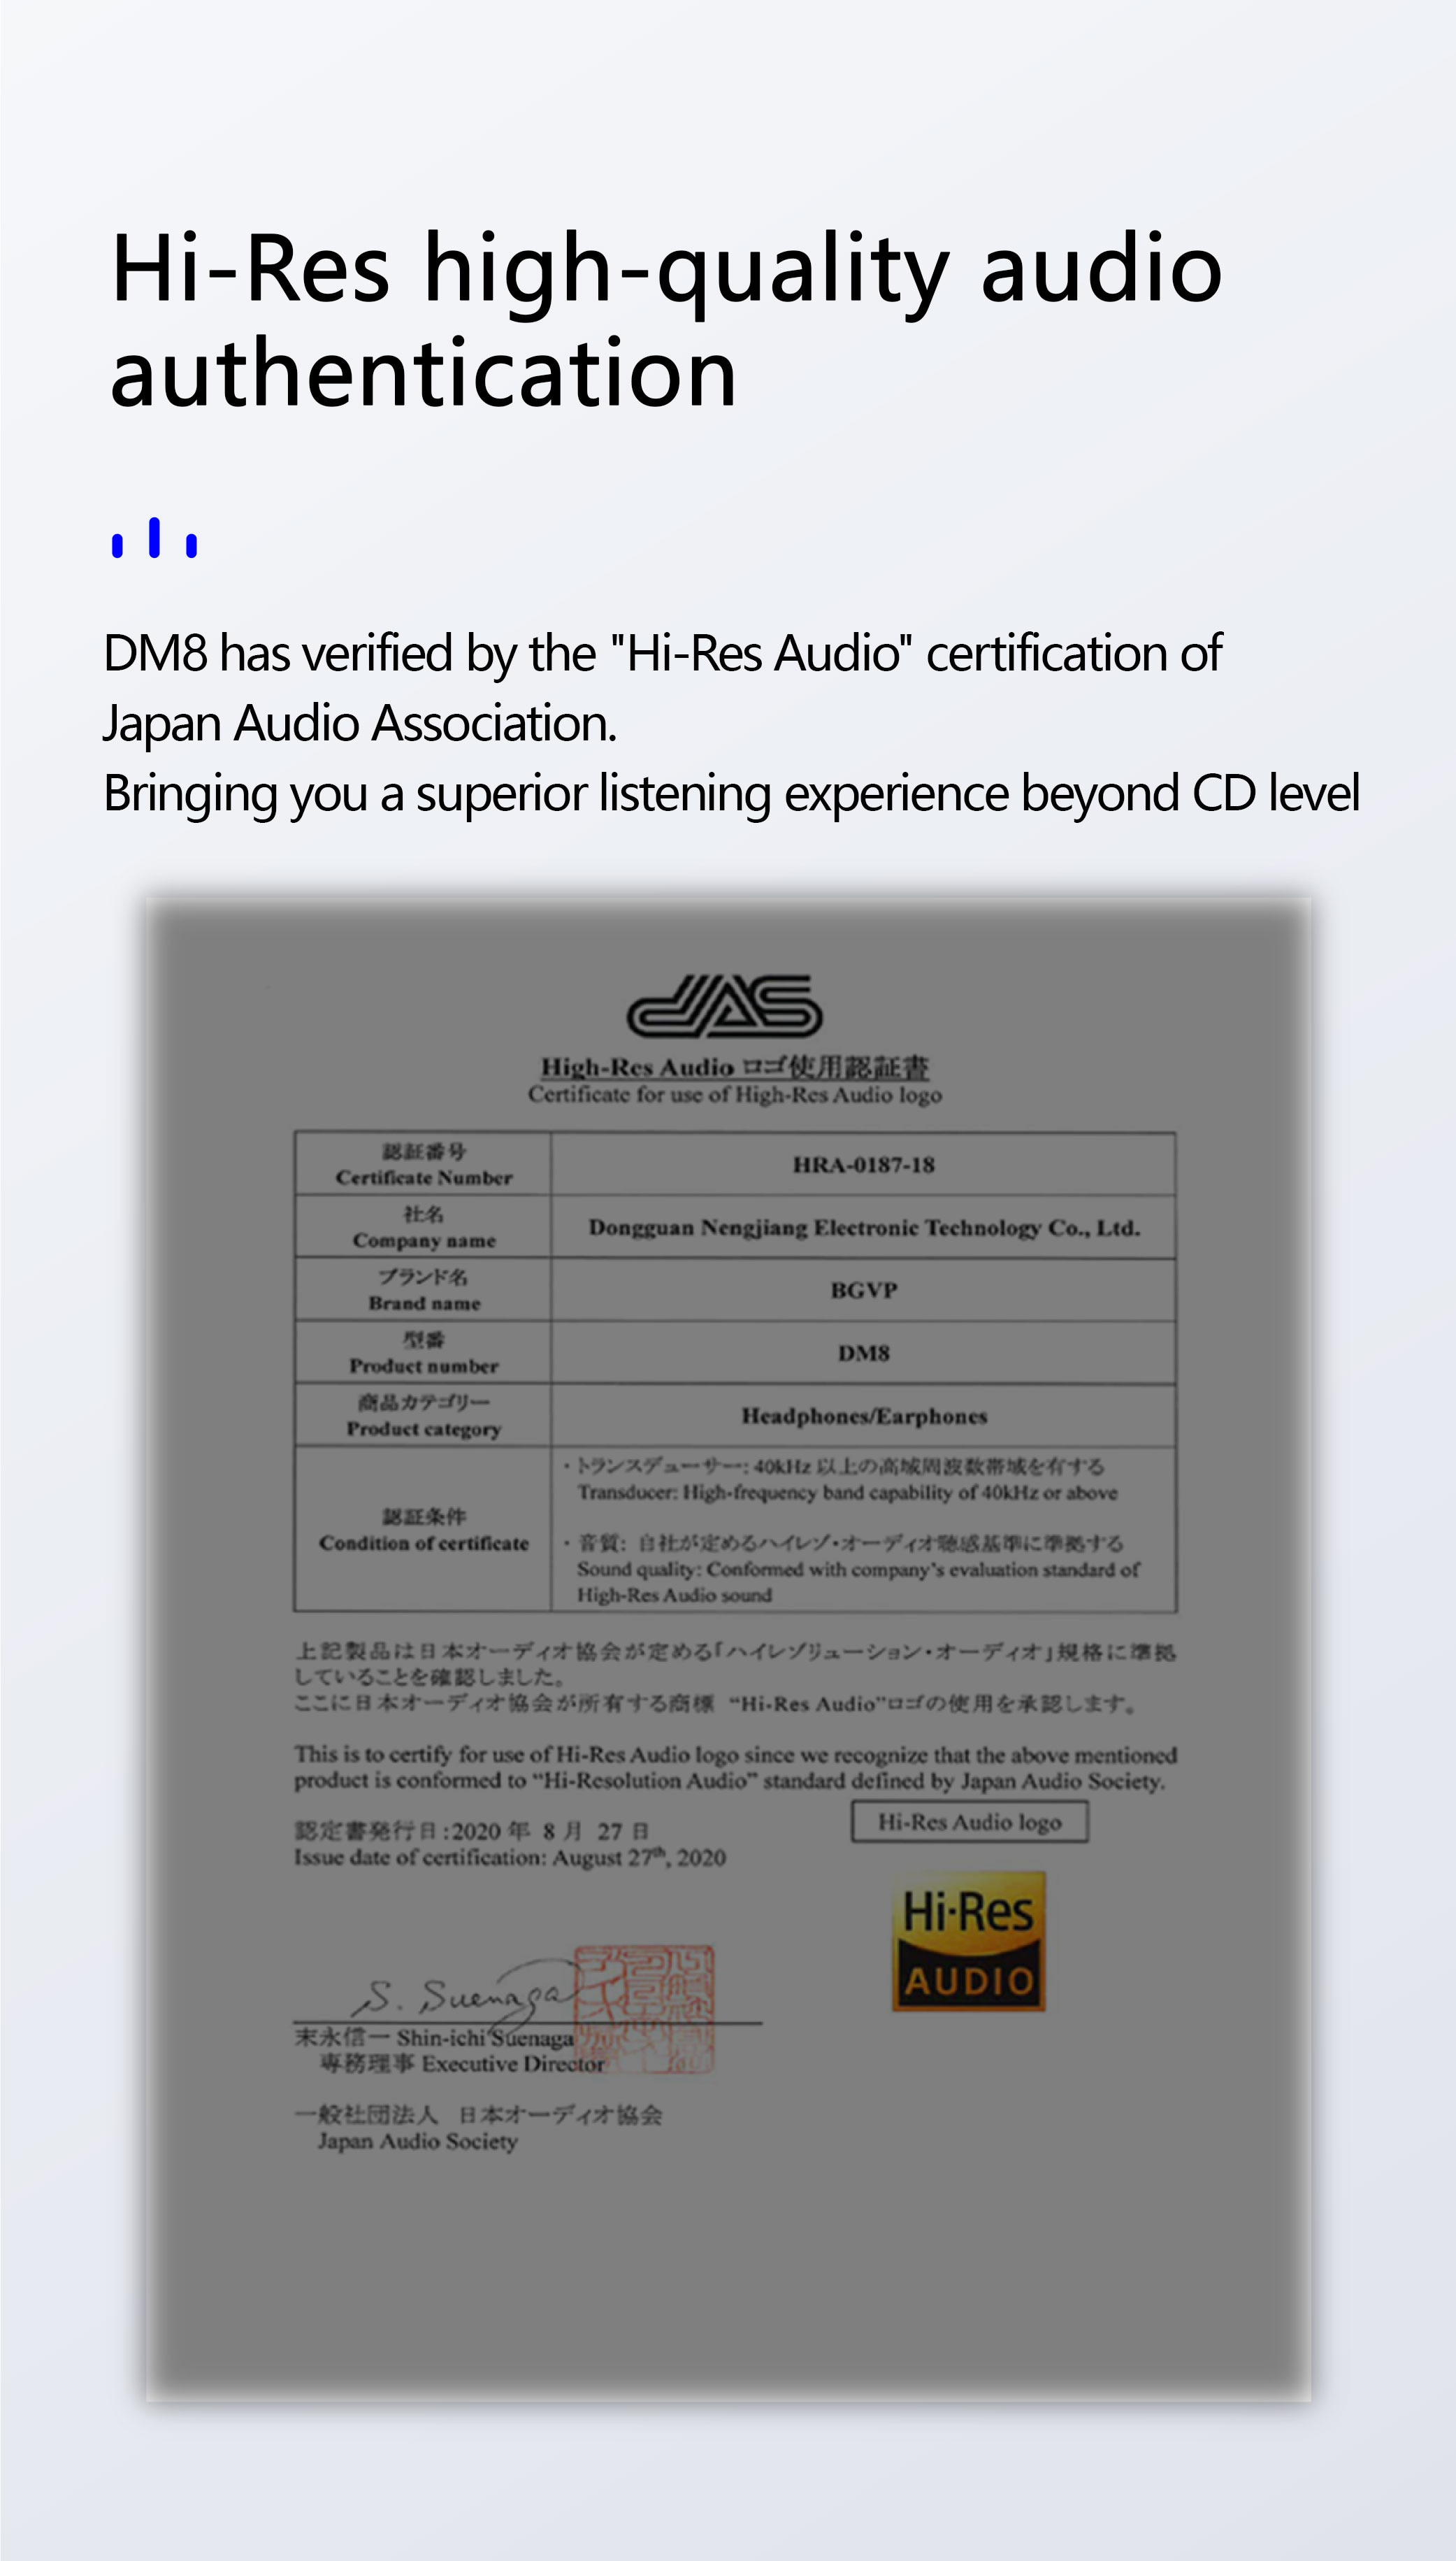 FBB2FC06-5002-4636-BD6F-6B37DD8B8C9C.jpeg